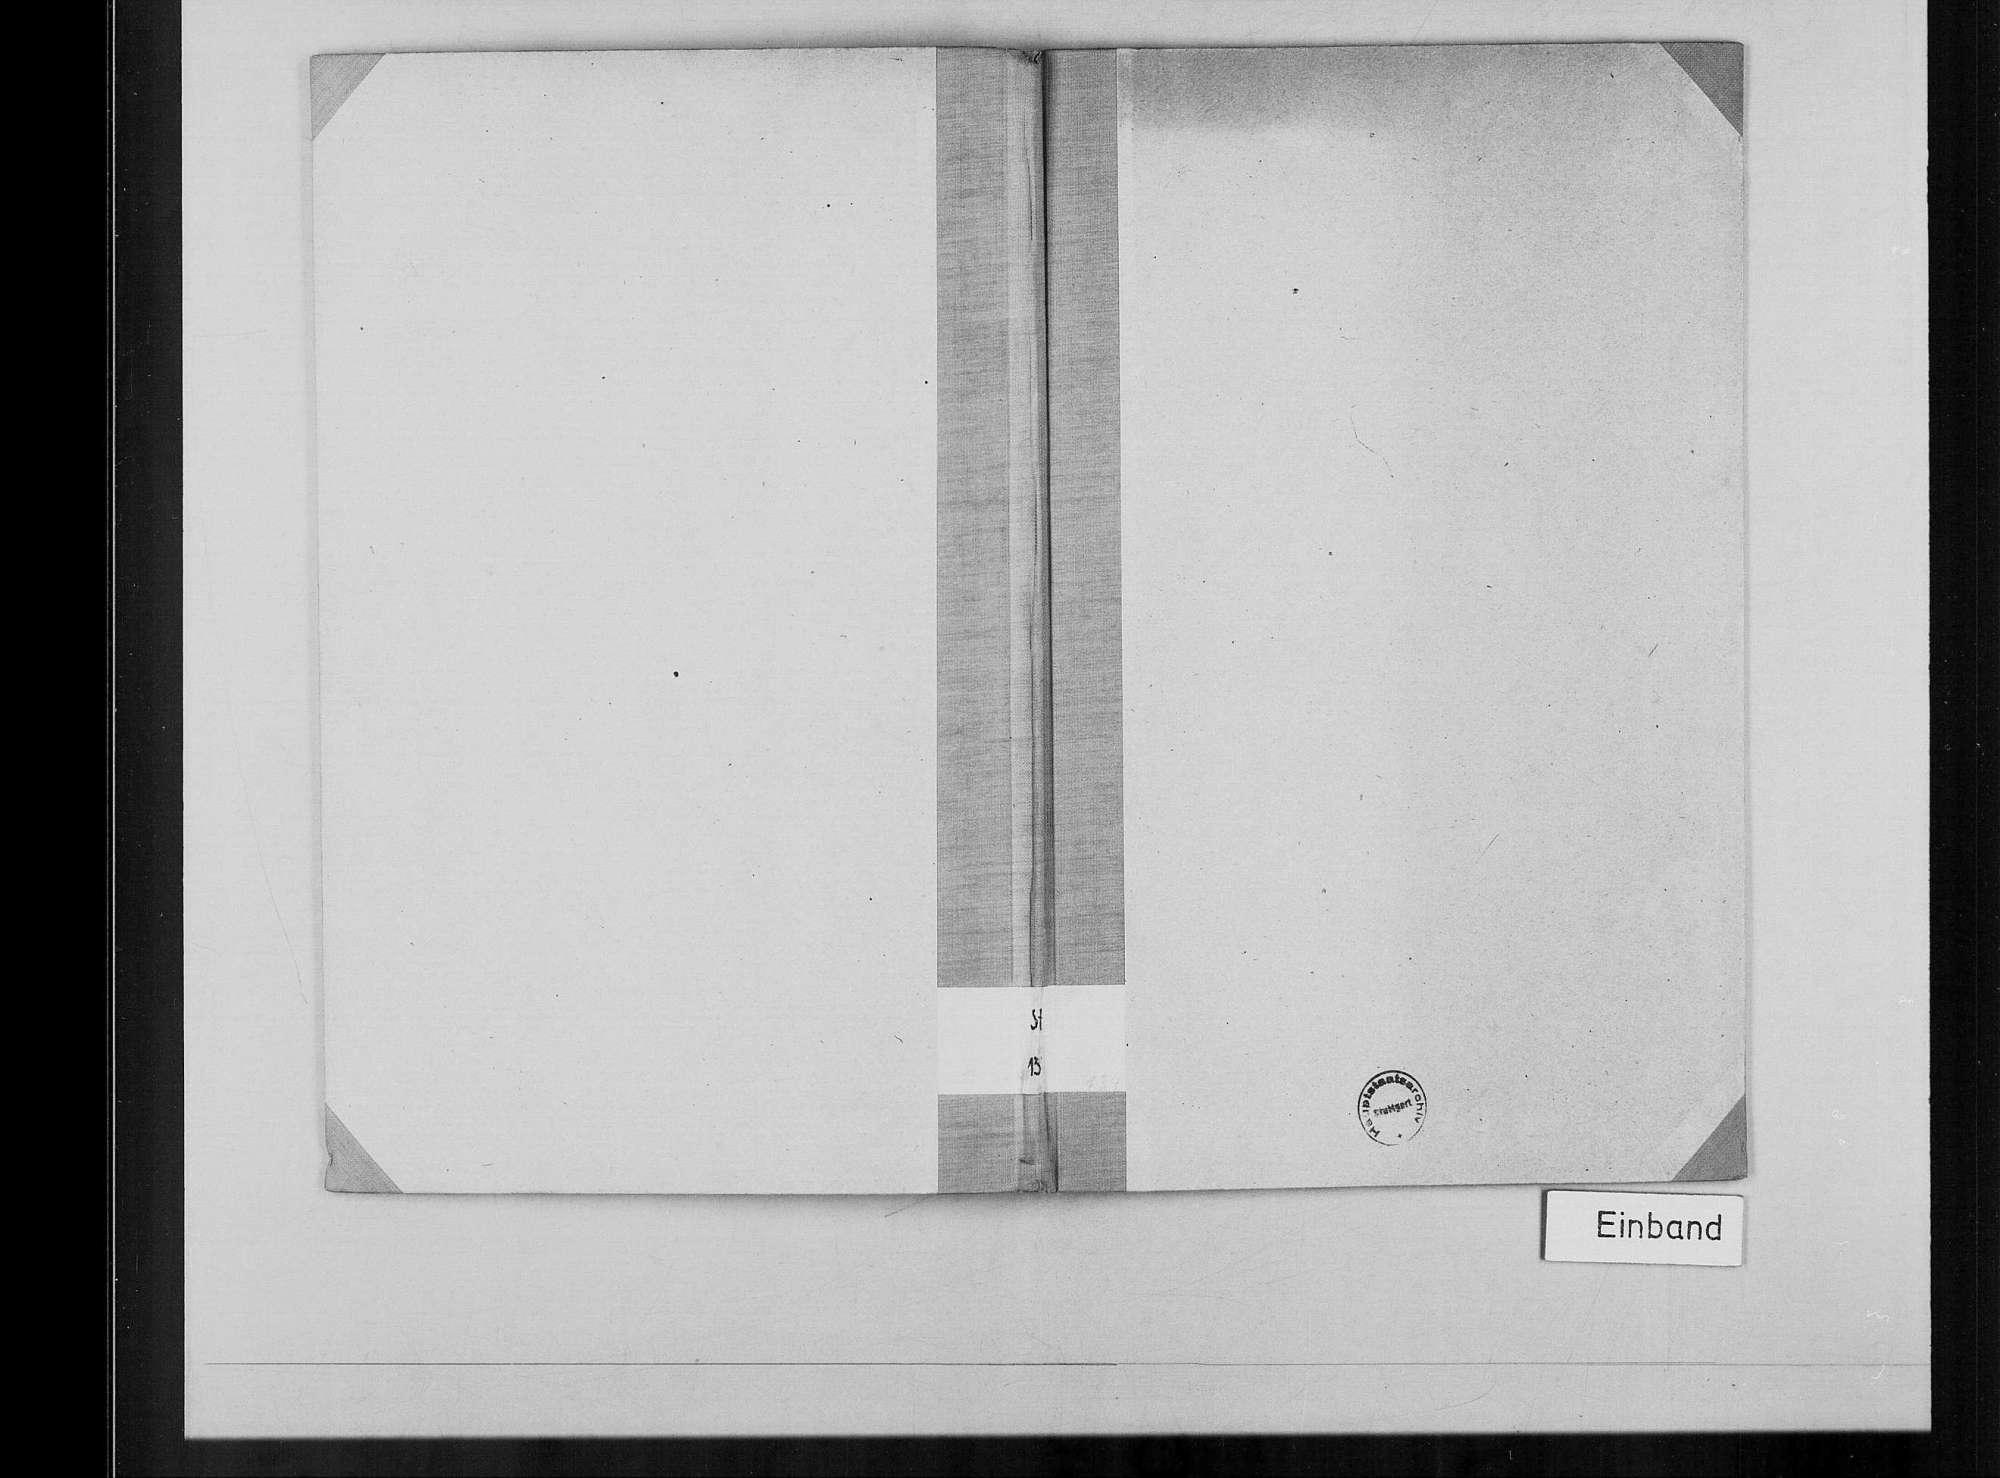 Ehingen, Bild 1